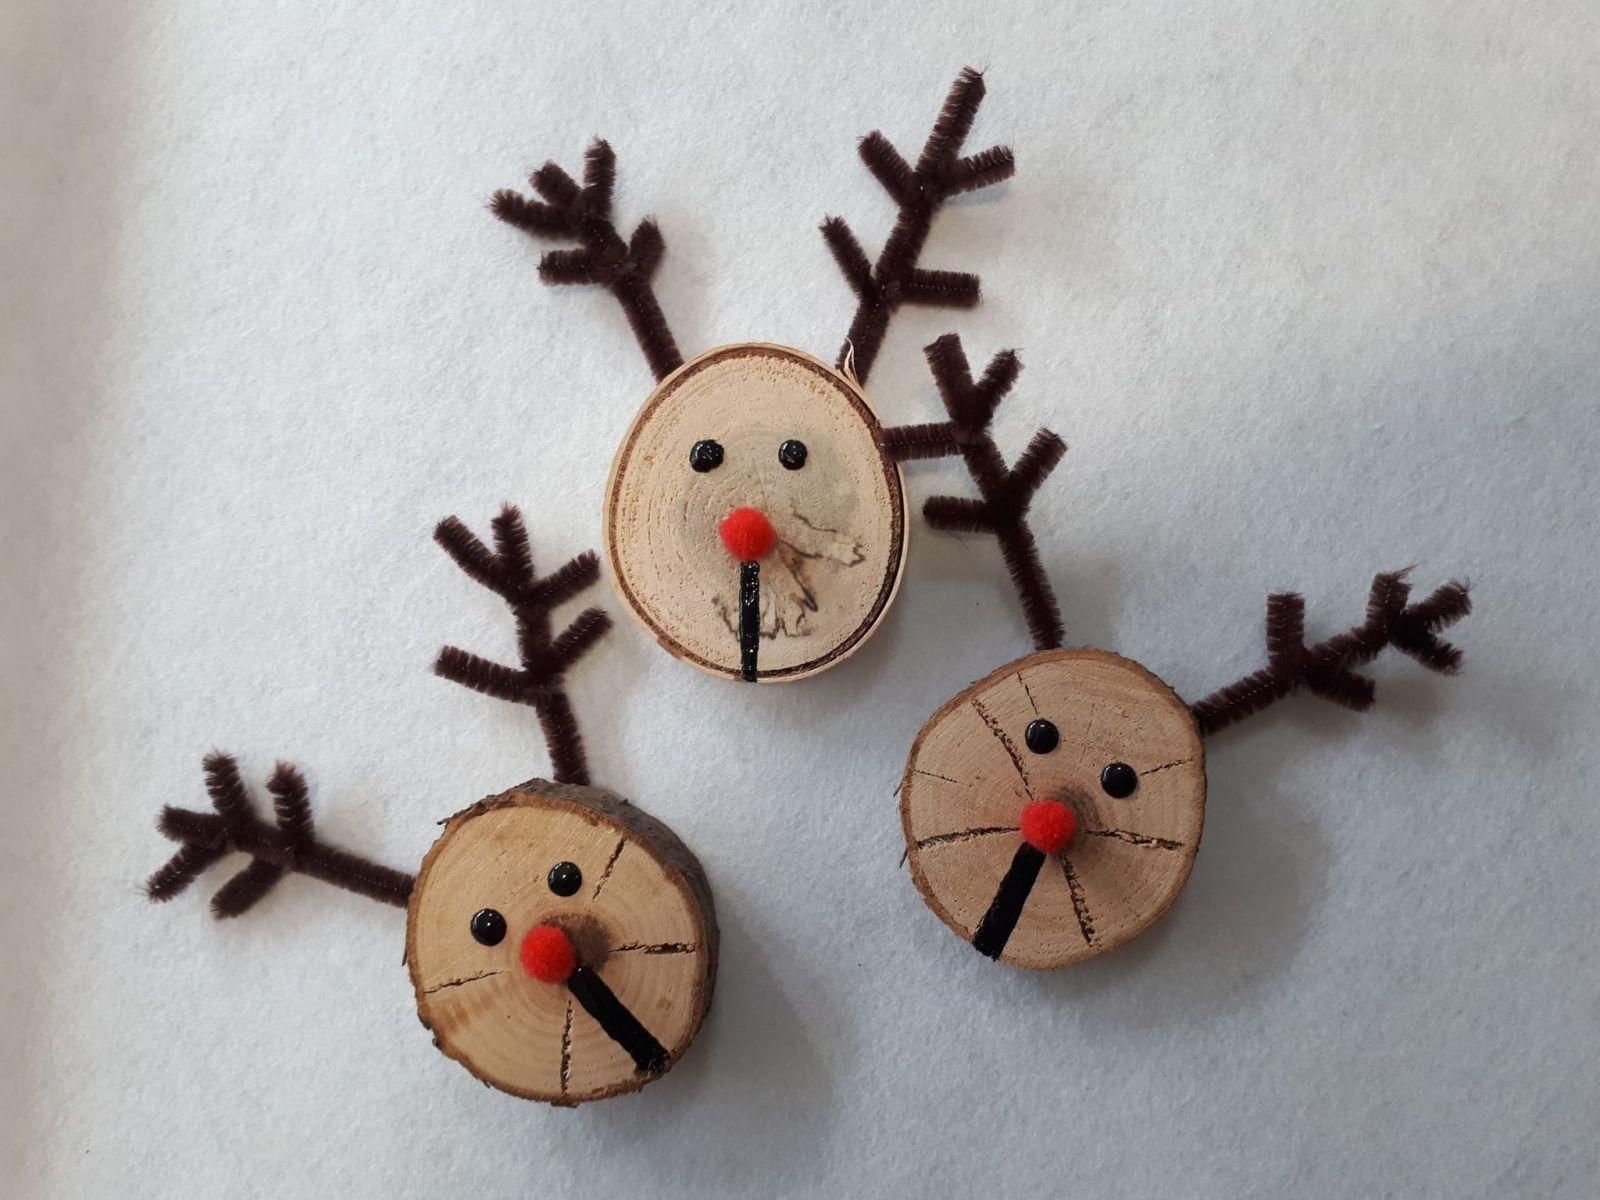 Tieto vianočné dekorácie si zvládneš doma vyrobiť aj ty v priebehu pár minút. Skúsiš to?